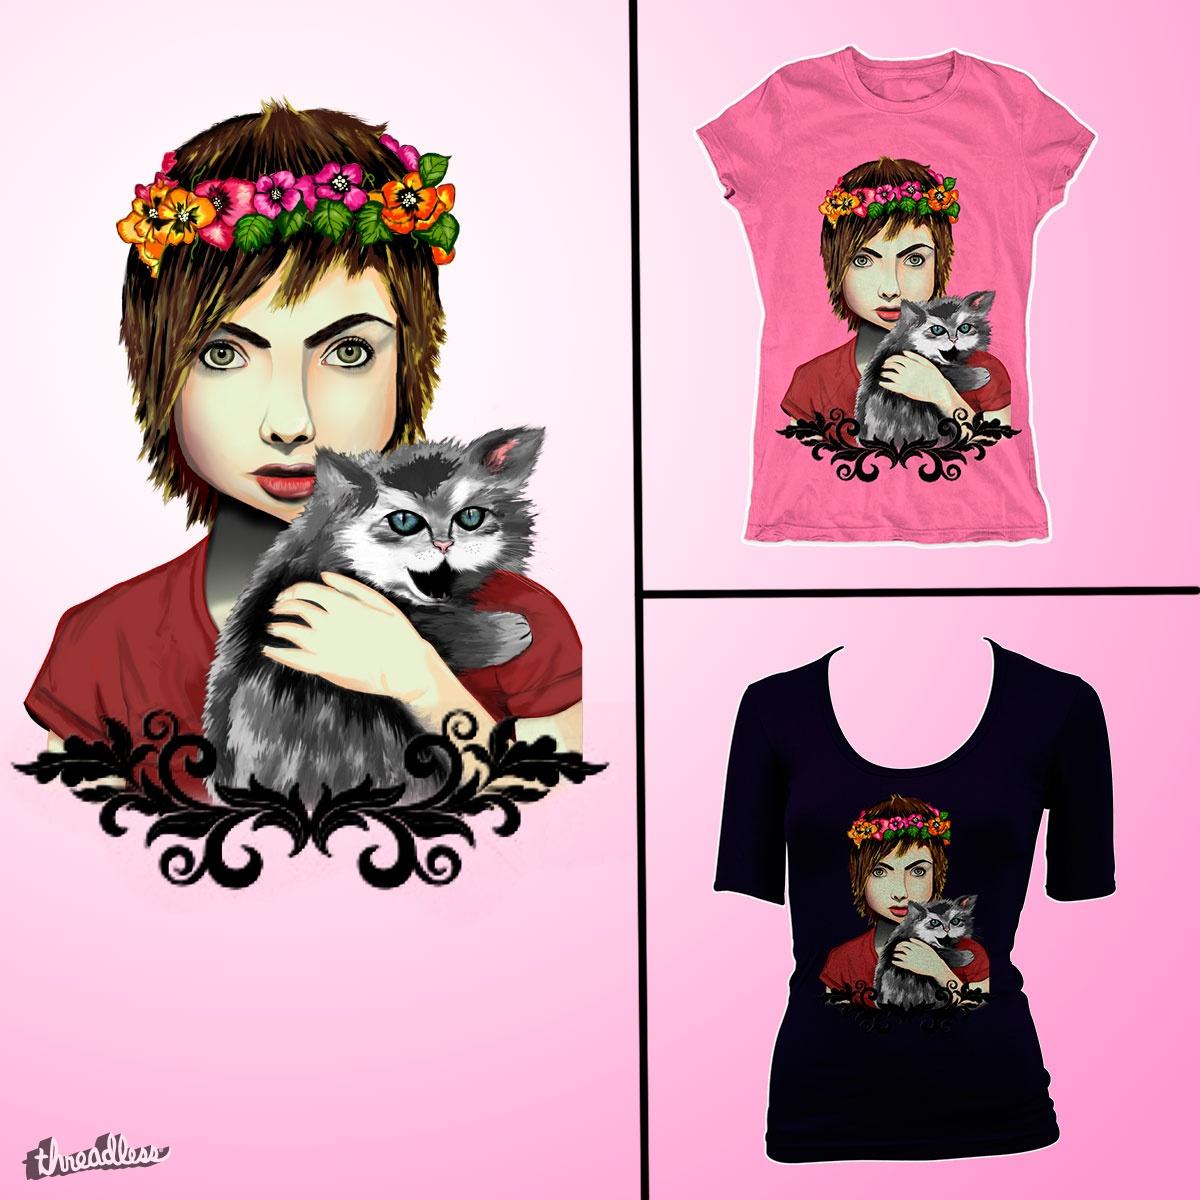 My Kitty by giselajimenez10 on Threadless